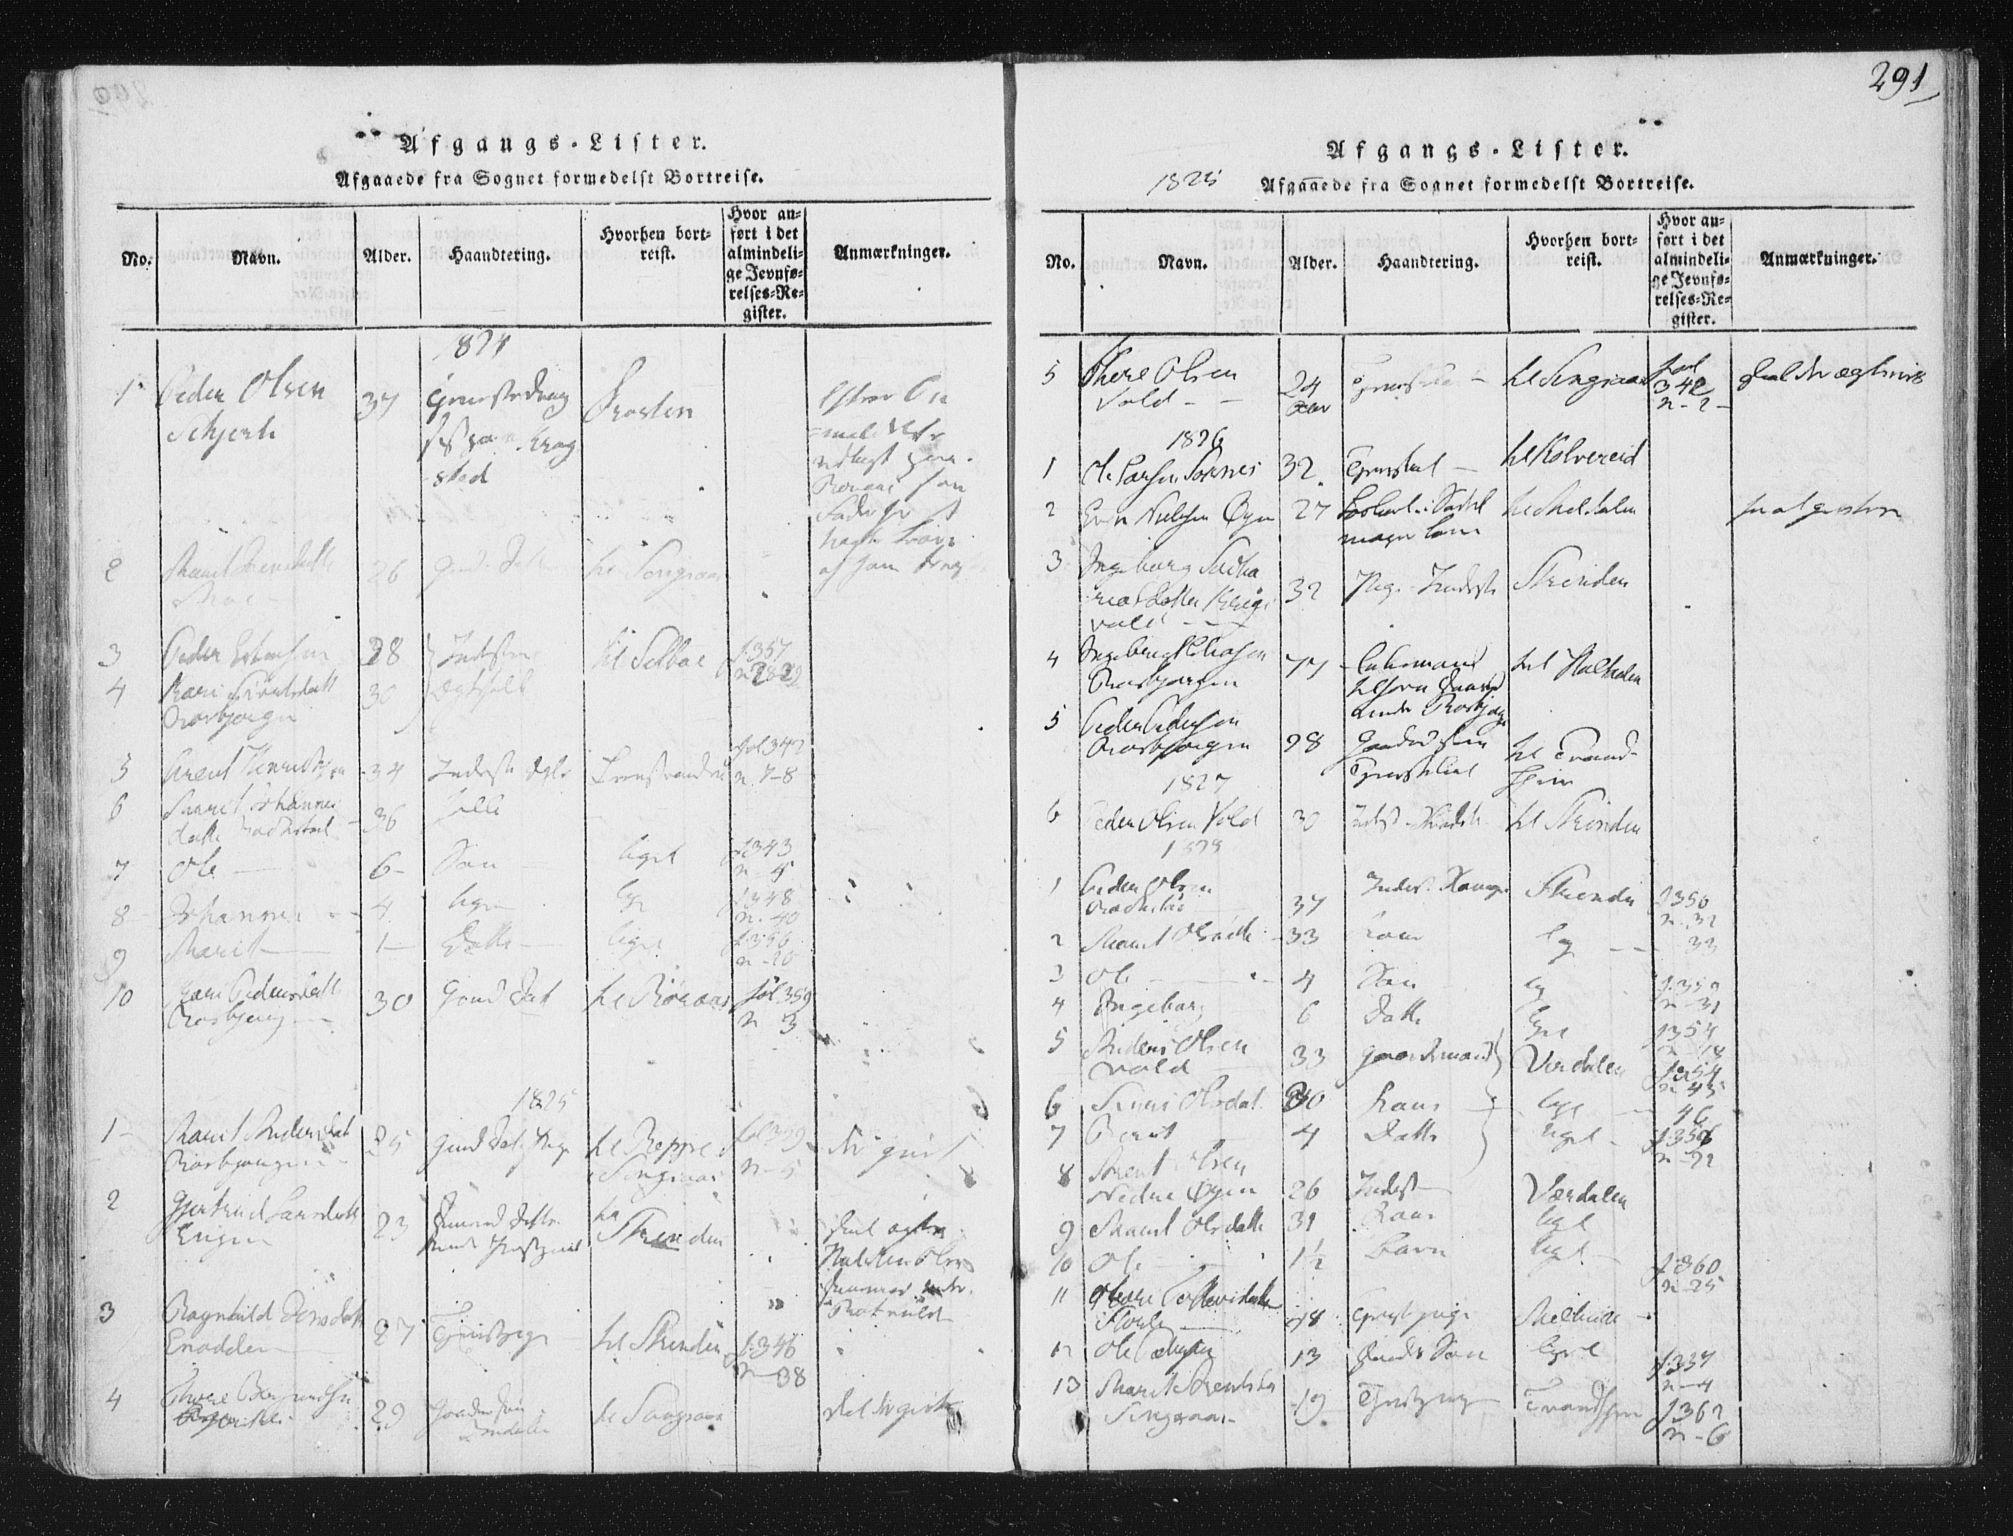 SAT, Ministerialprotokoller, klokkerbøker og fødselsregistre - Sør-Trøndelag, 687/L0996: Ministerialbok nr. 687A04, 1816-1842, s. 291